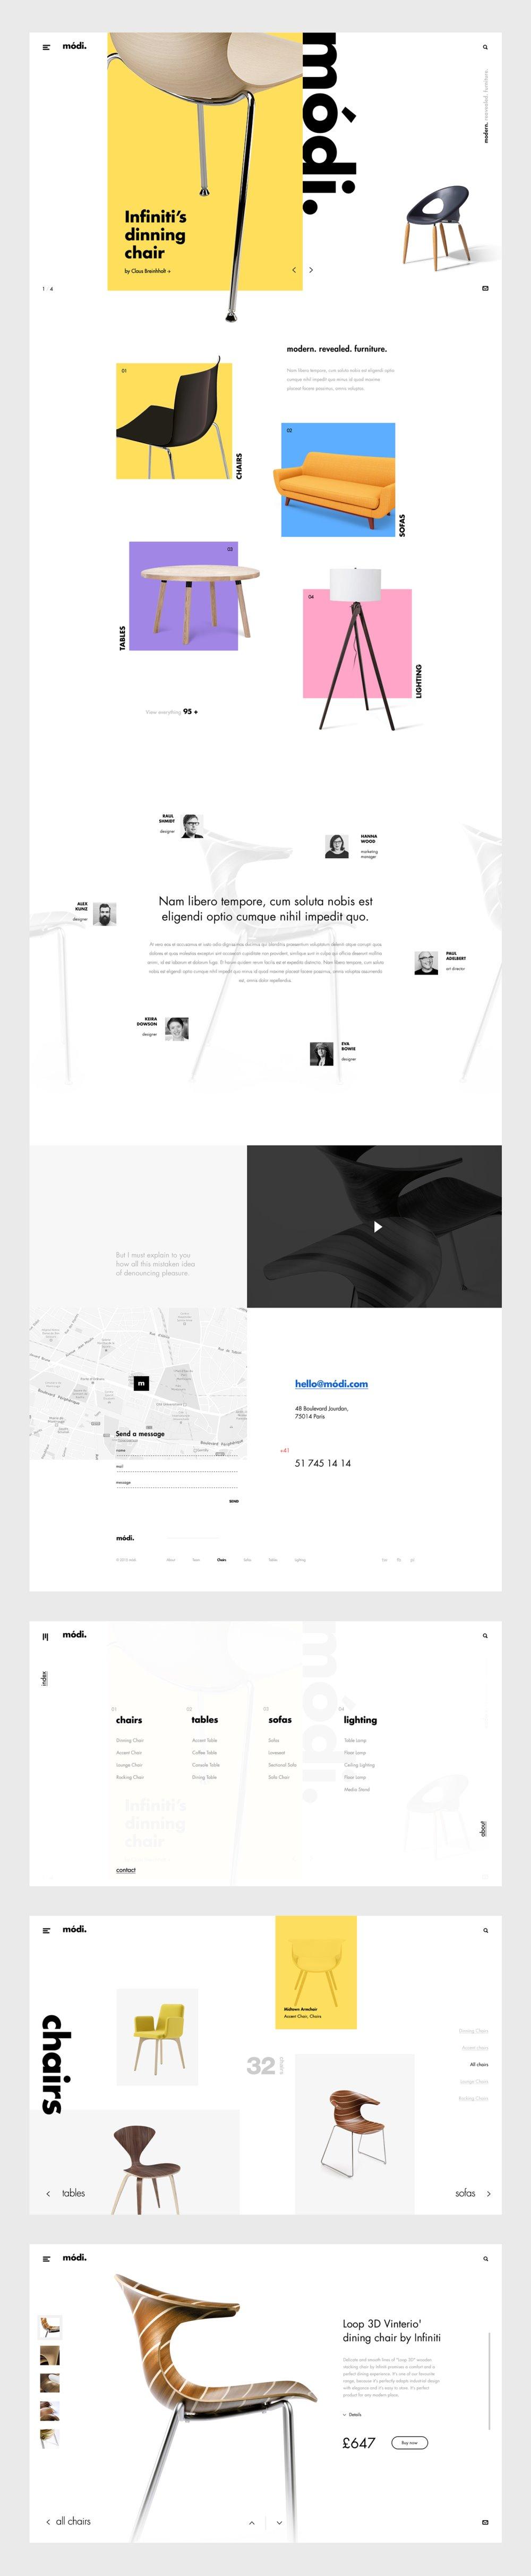 Daily-Design-Inspiration-No 04-024